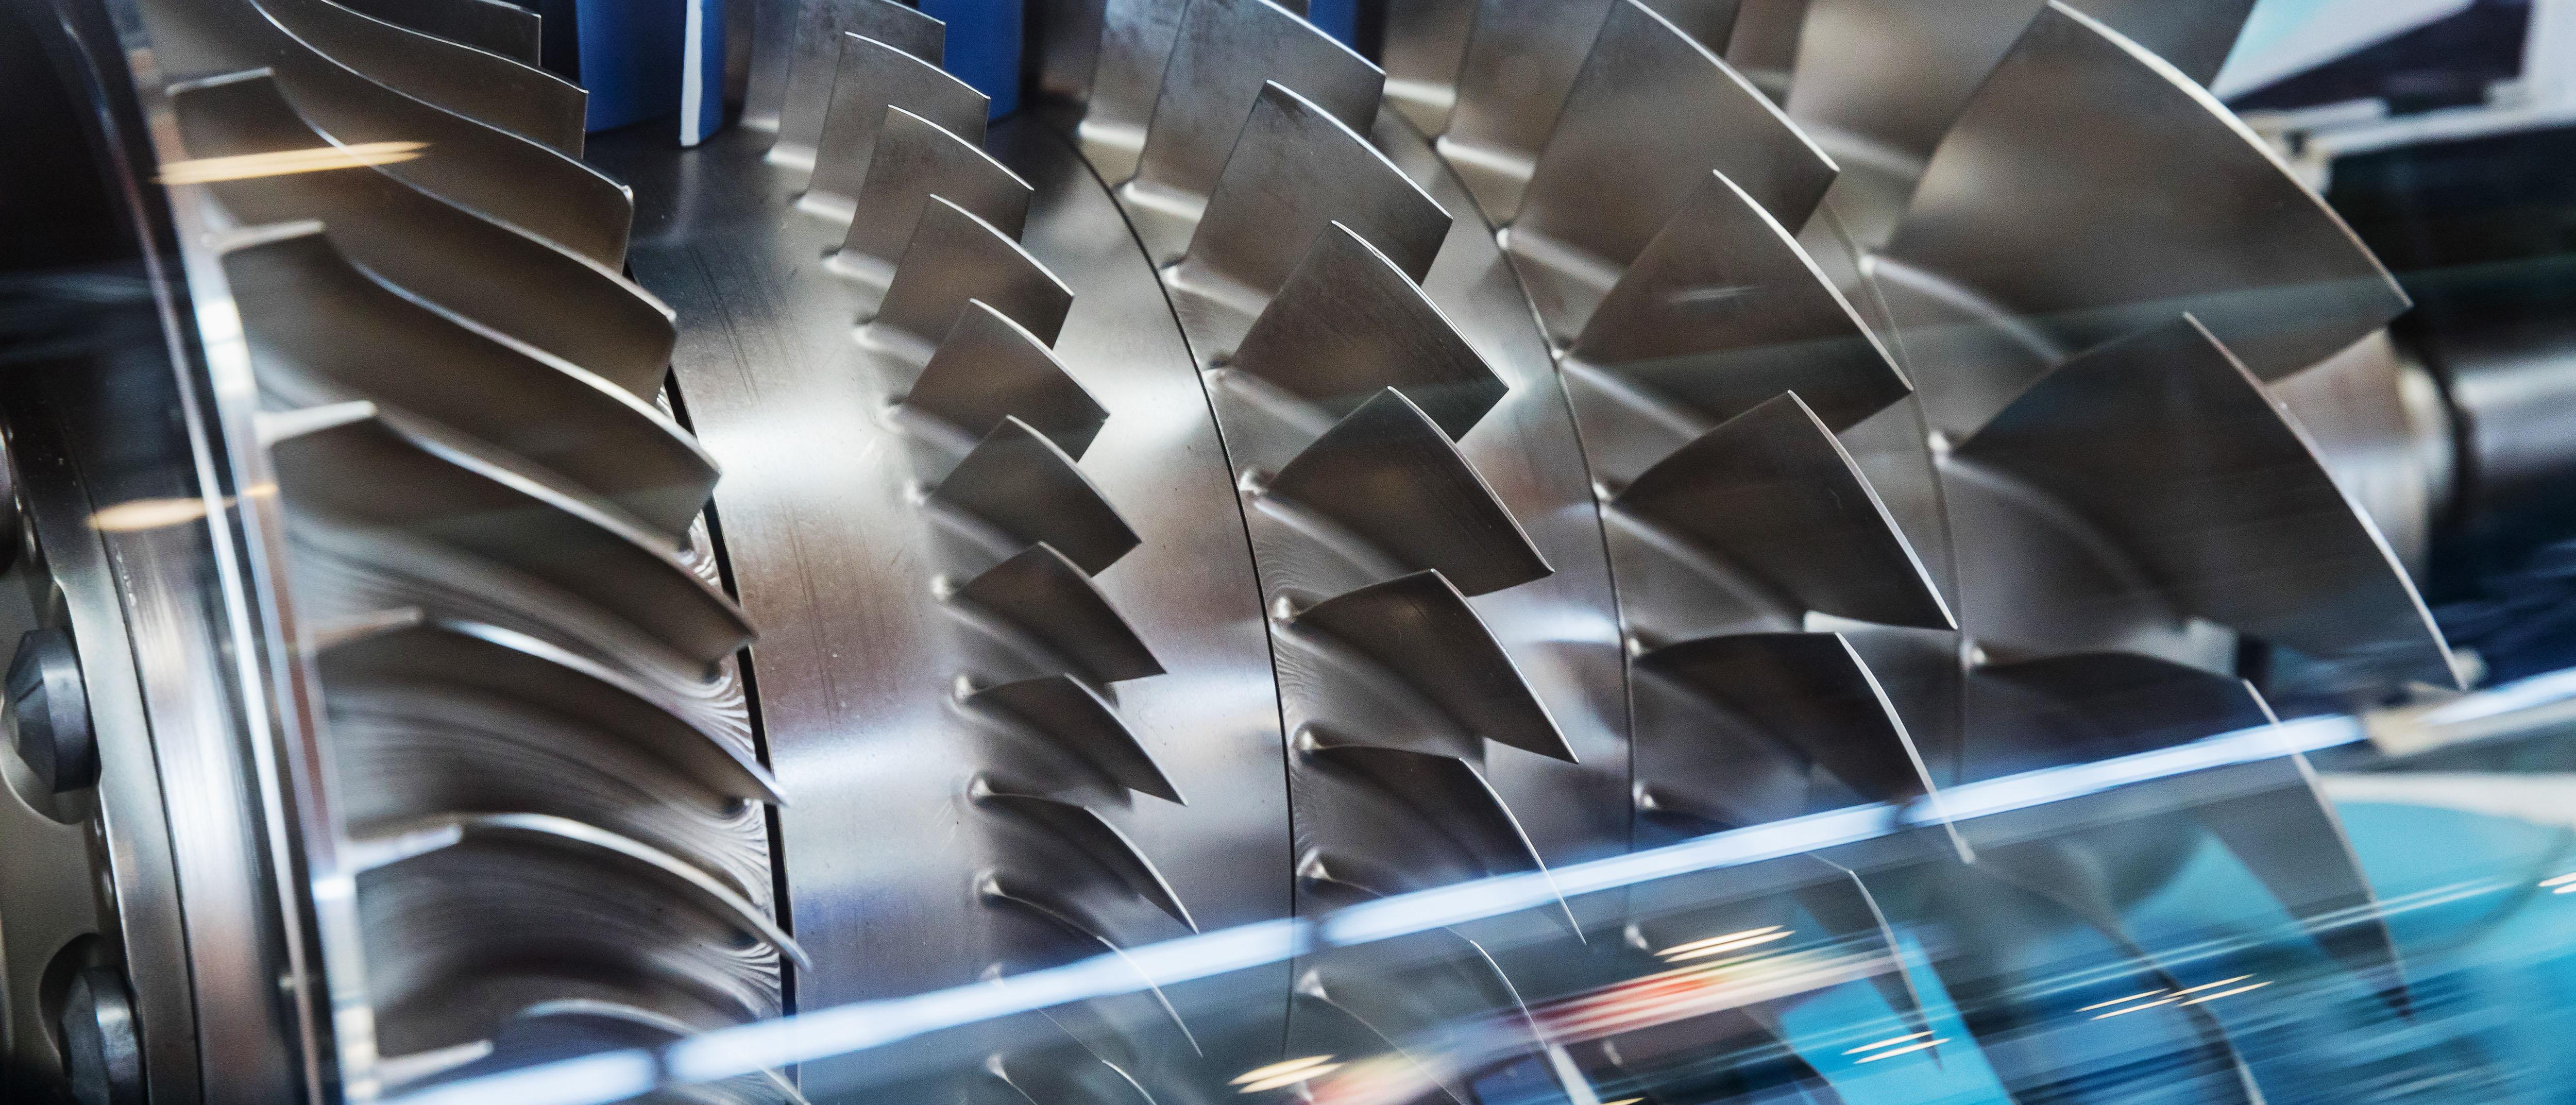 banner blades